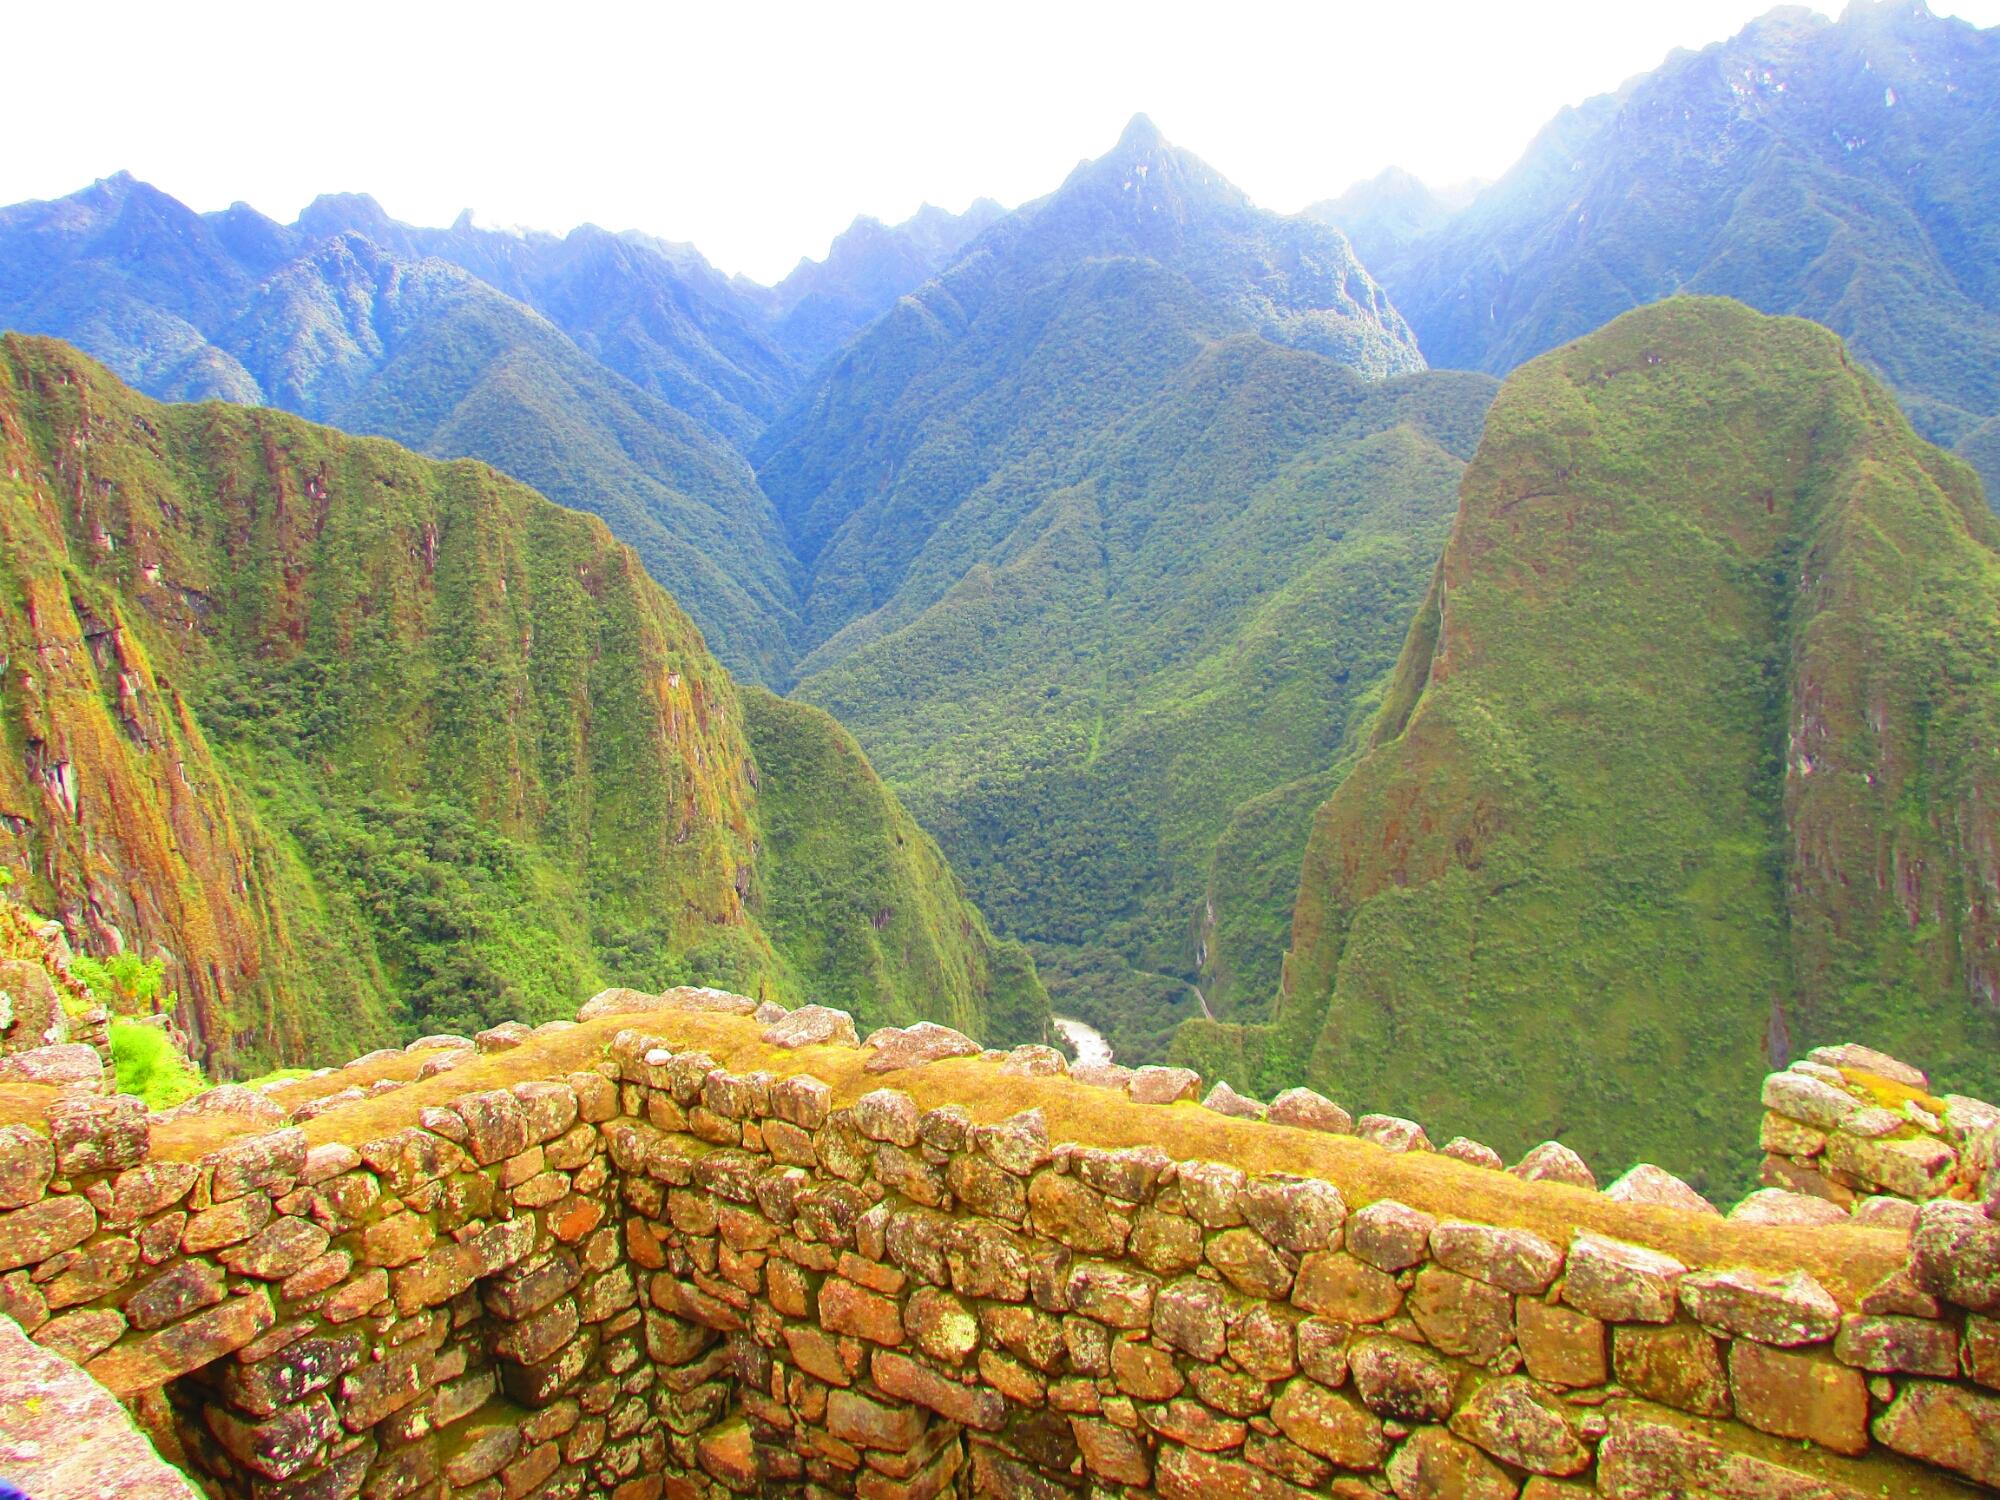 las montañas que se alzan alrededor de la ciudadelña de Machu Picchu, las más importante y mejor conservada de las ruinas incas en Cuzco